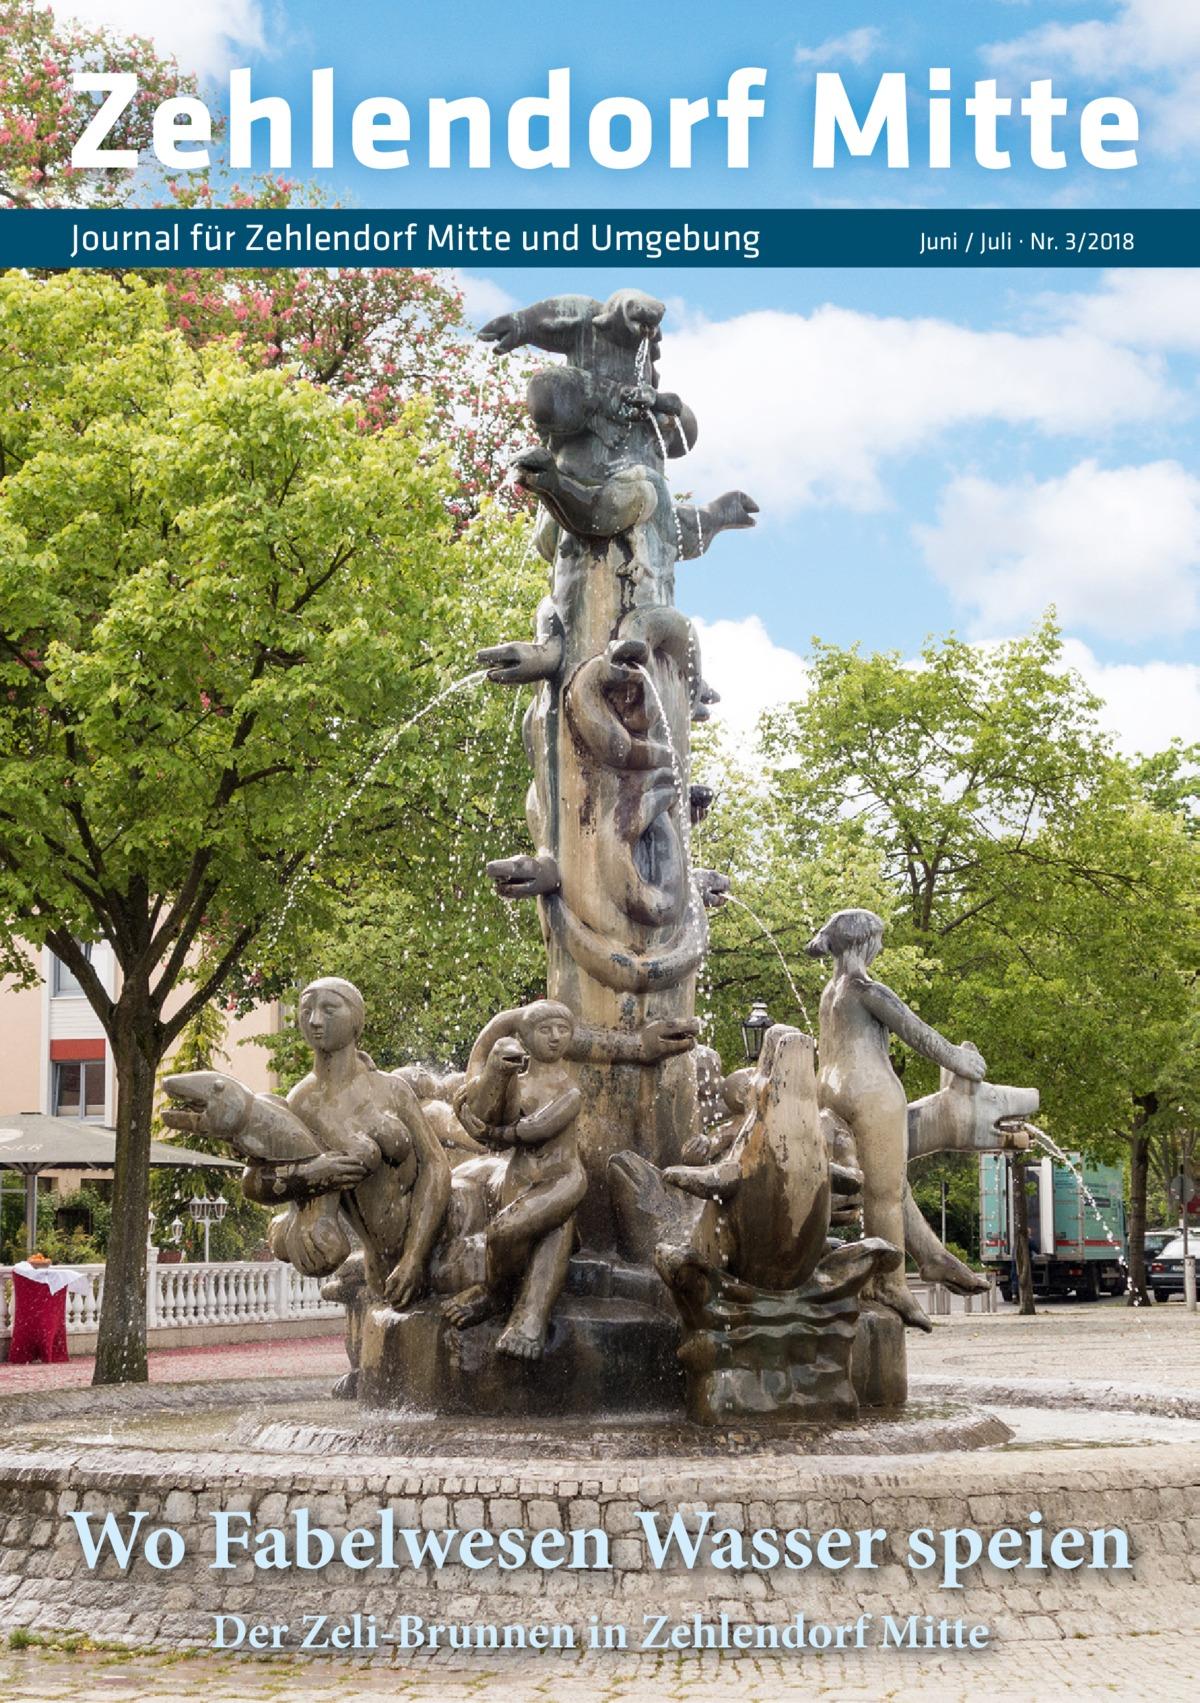 Zehlendorf Mitte Journal für Zehlendorf Mitte und Umgebung  Juni / Juli · Nr. 3/2018  Wo Fabelwesen Wasser speien Der Zeli-Brunnen in Zehlendorf Mitte